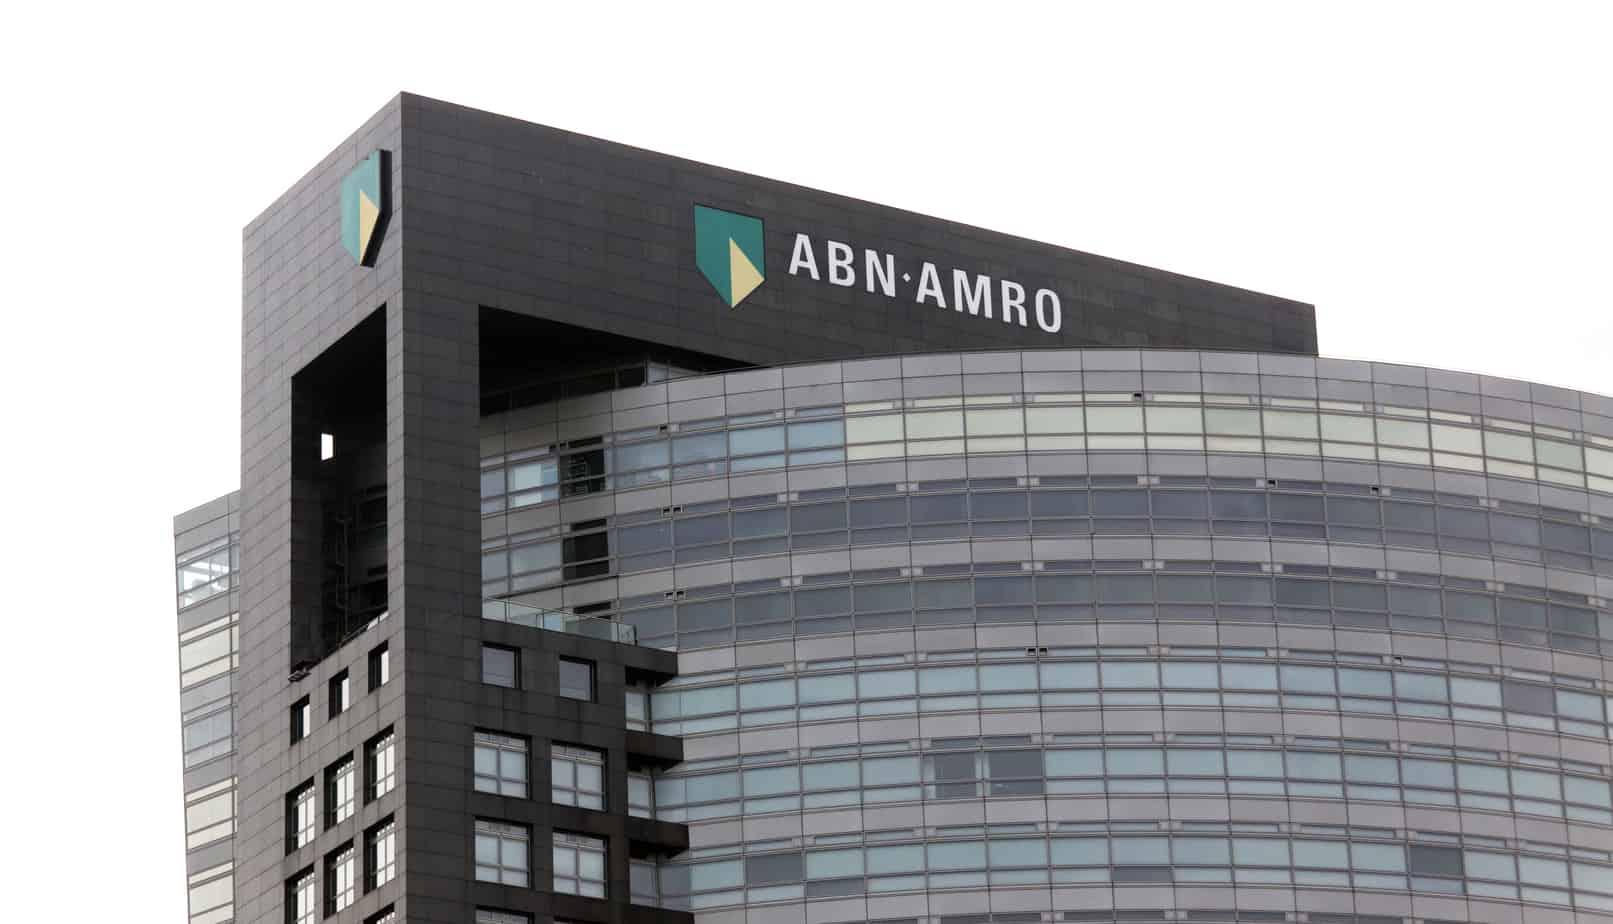 Amro Bank